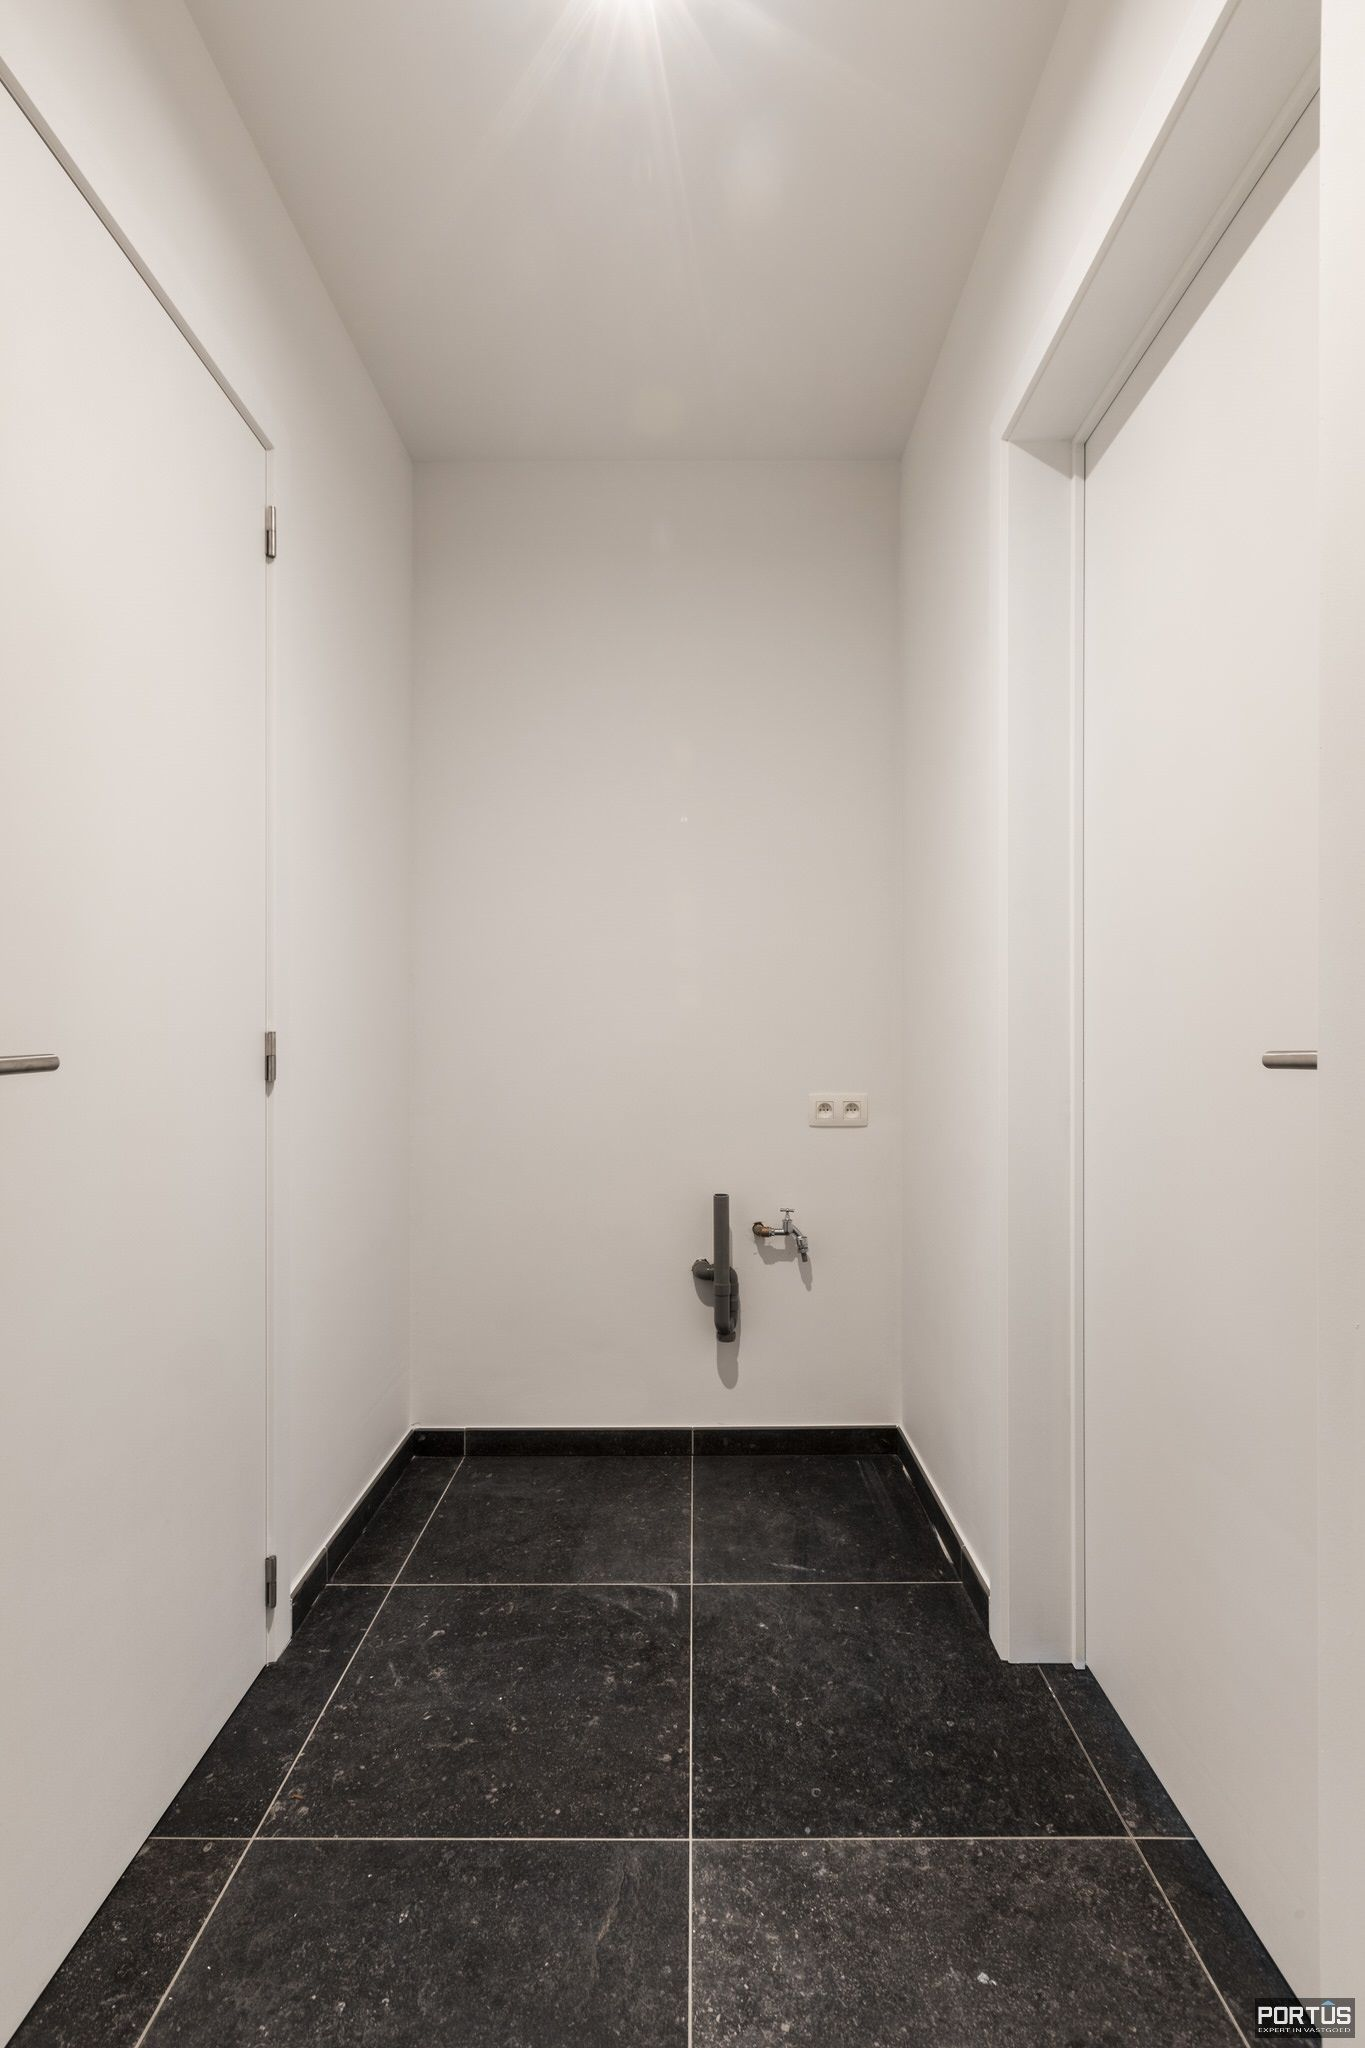 Nieuwbouwwoning met 4 slaapkamers te koop te Lombardsijde - 11826